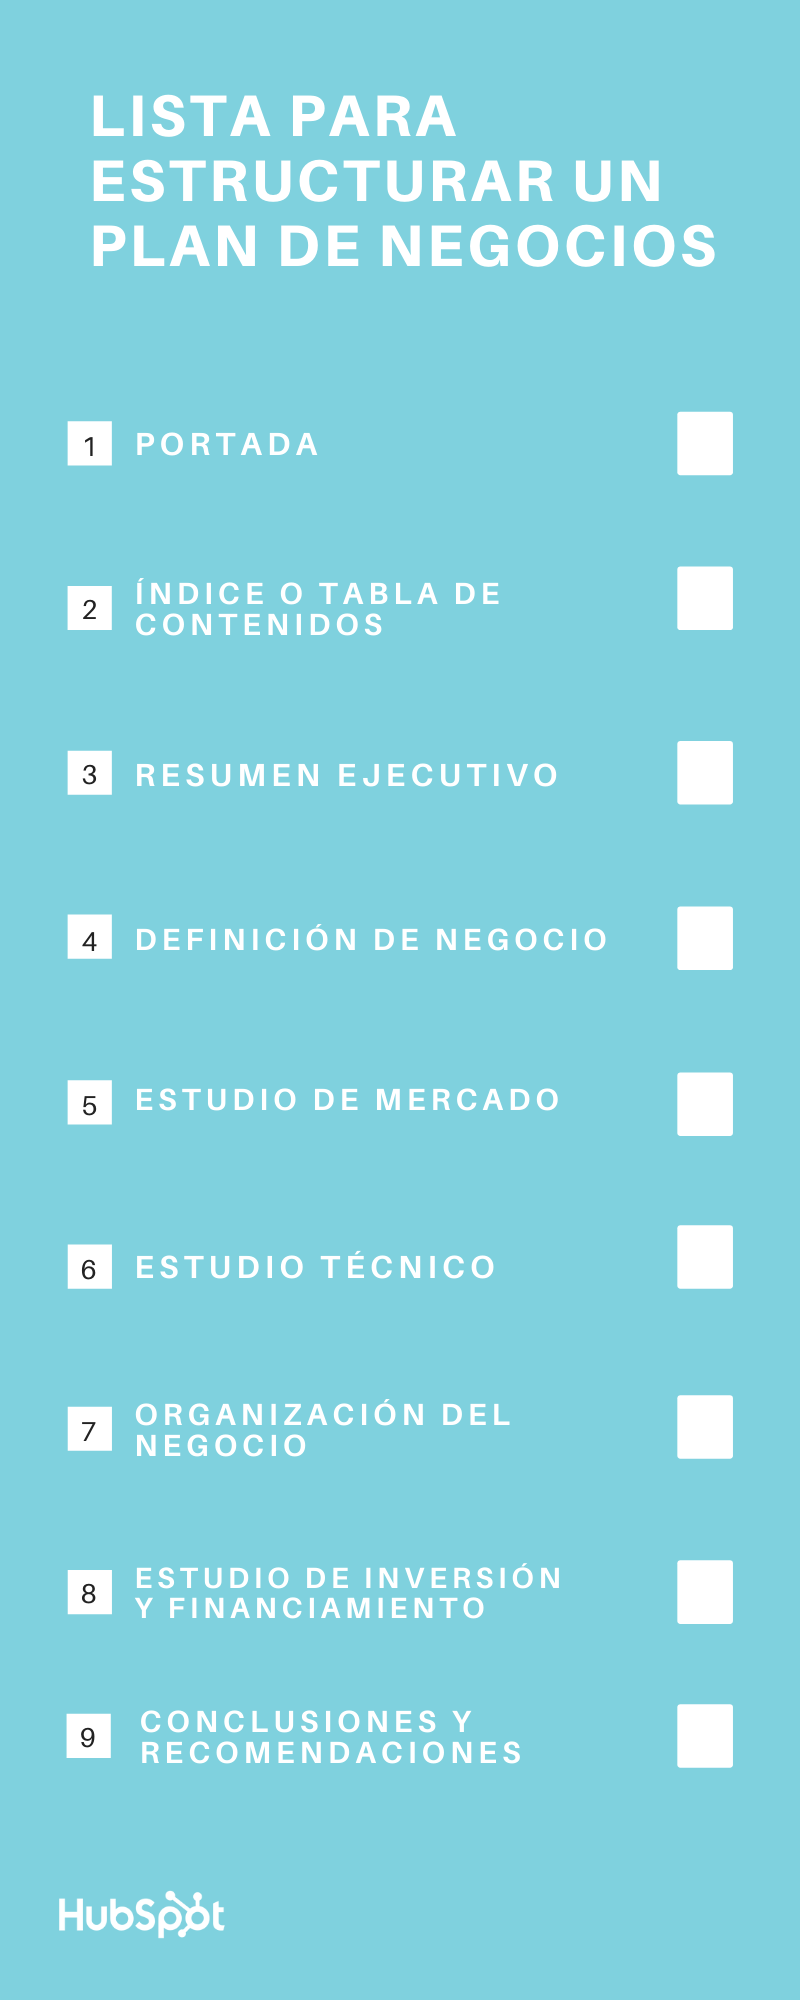 Elementos de la estructura de un plan de negocios